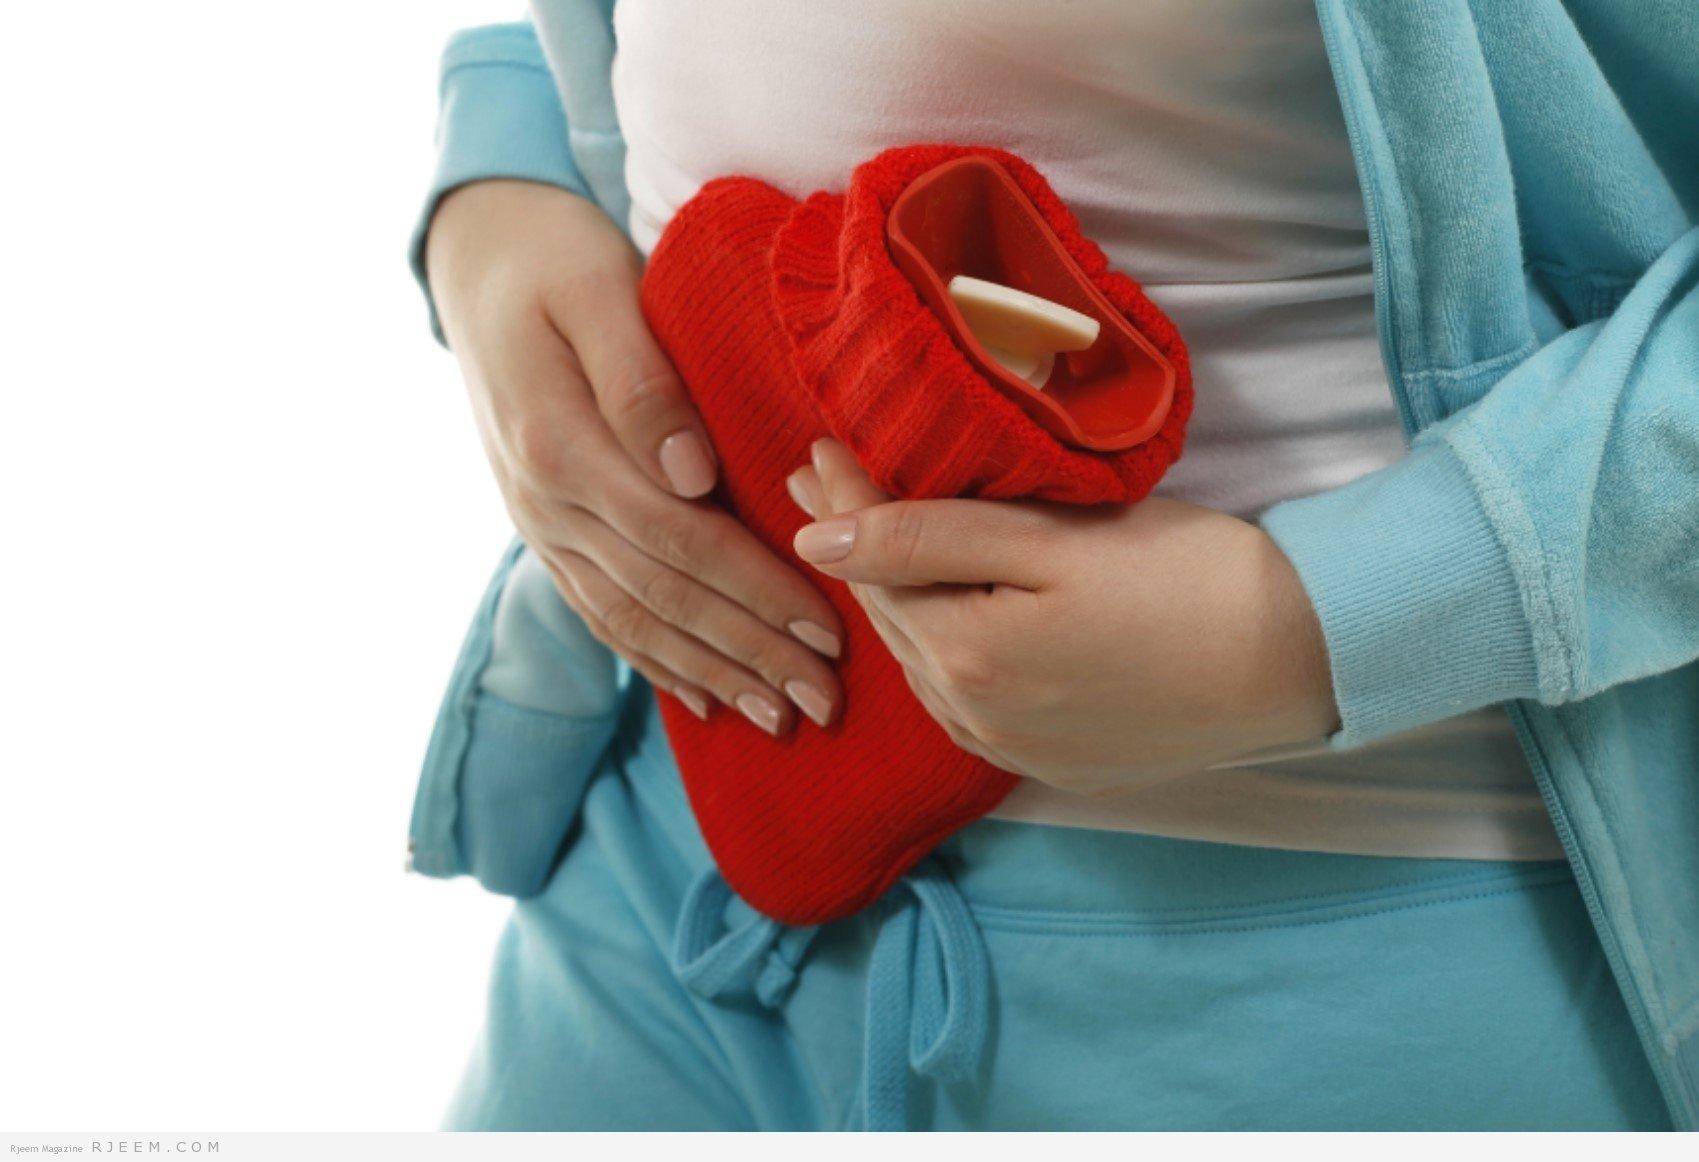 Лечение осложнения цистита - Цистит